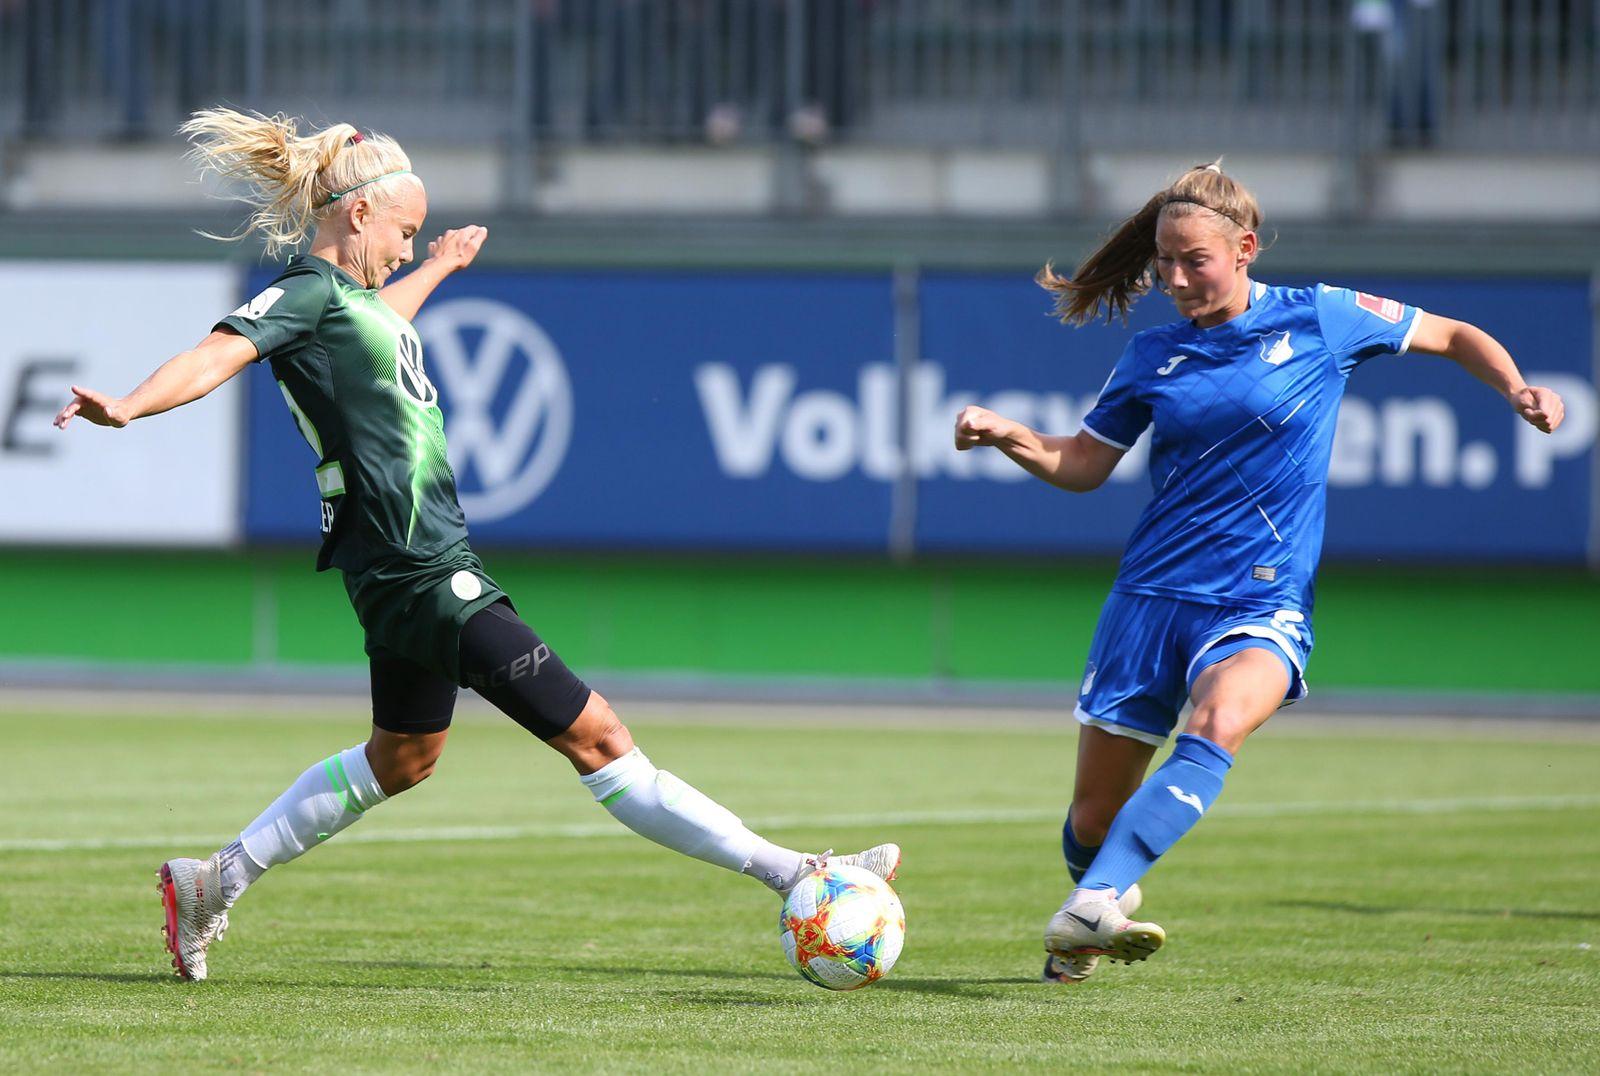 Wolfsburg vs Hoffenheim Frauen Wolfsburg Deutschland 15 09 2019 FUßBALL VfL Wolfsburg vs TSG 18